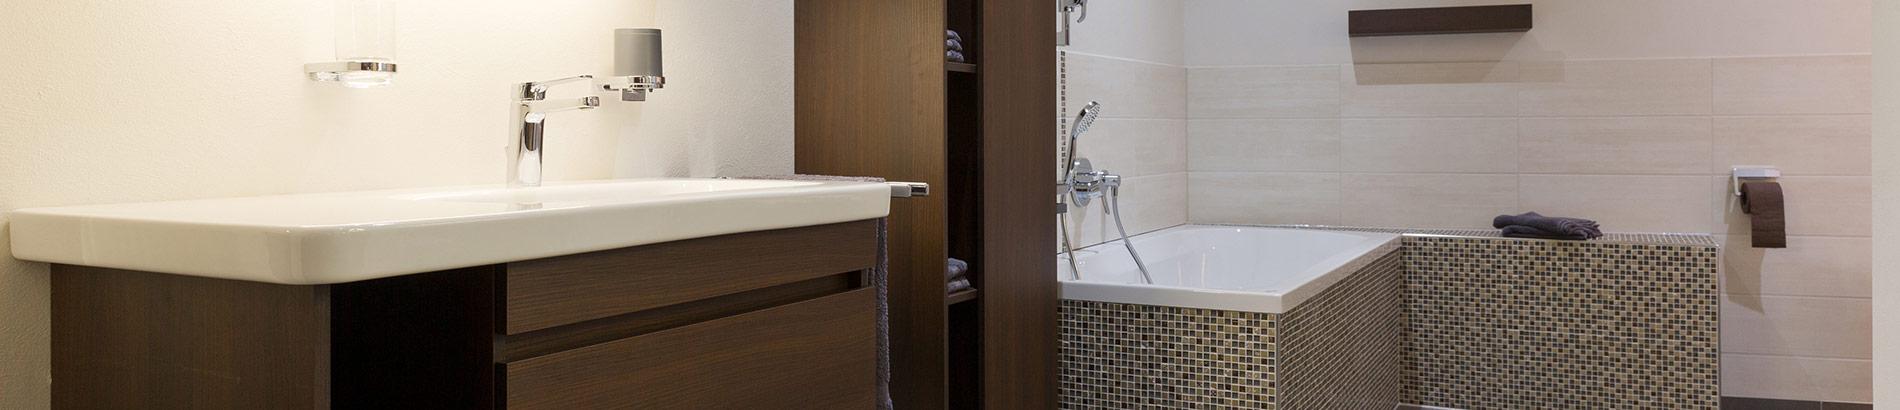 Fliesen Und Mosaik Für Badezimmer   Ravensburg